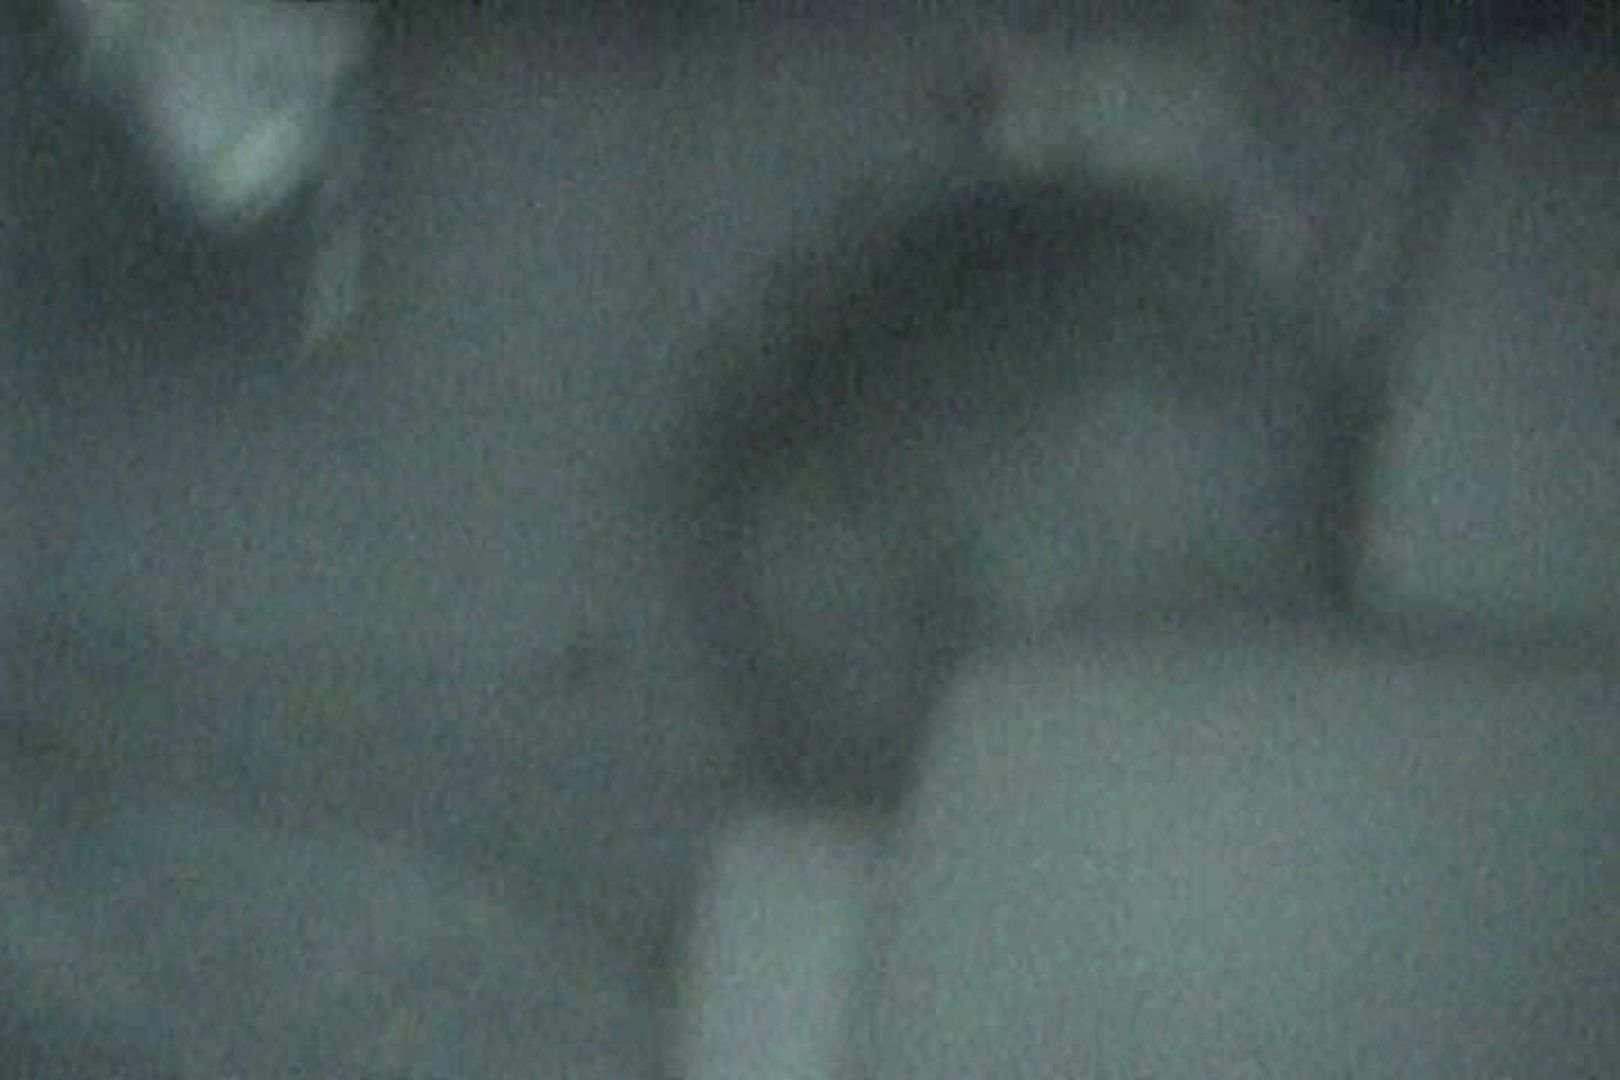 充血監督の深夜の運動会Vol.148 エロティックなOL  88画像 45